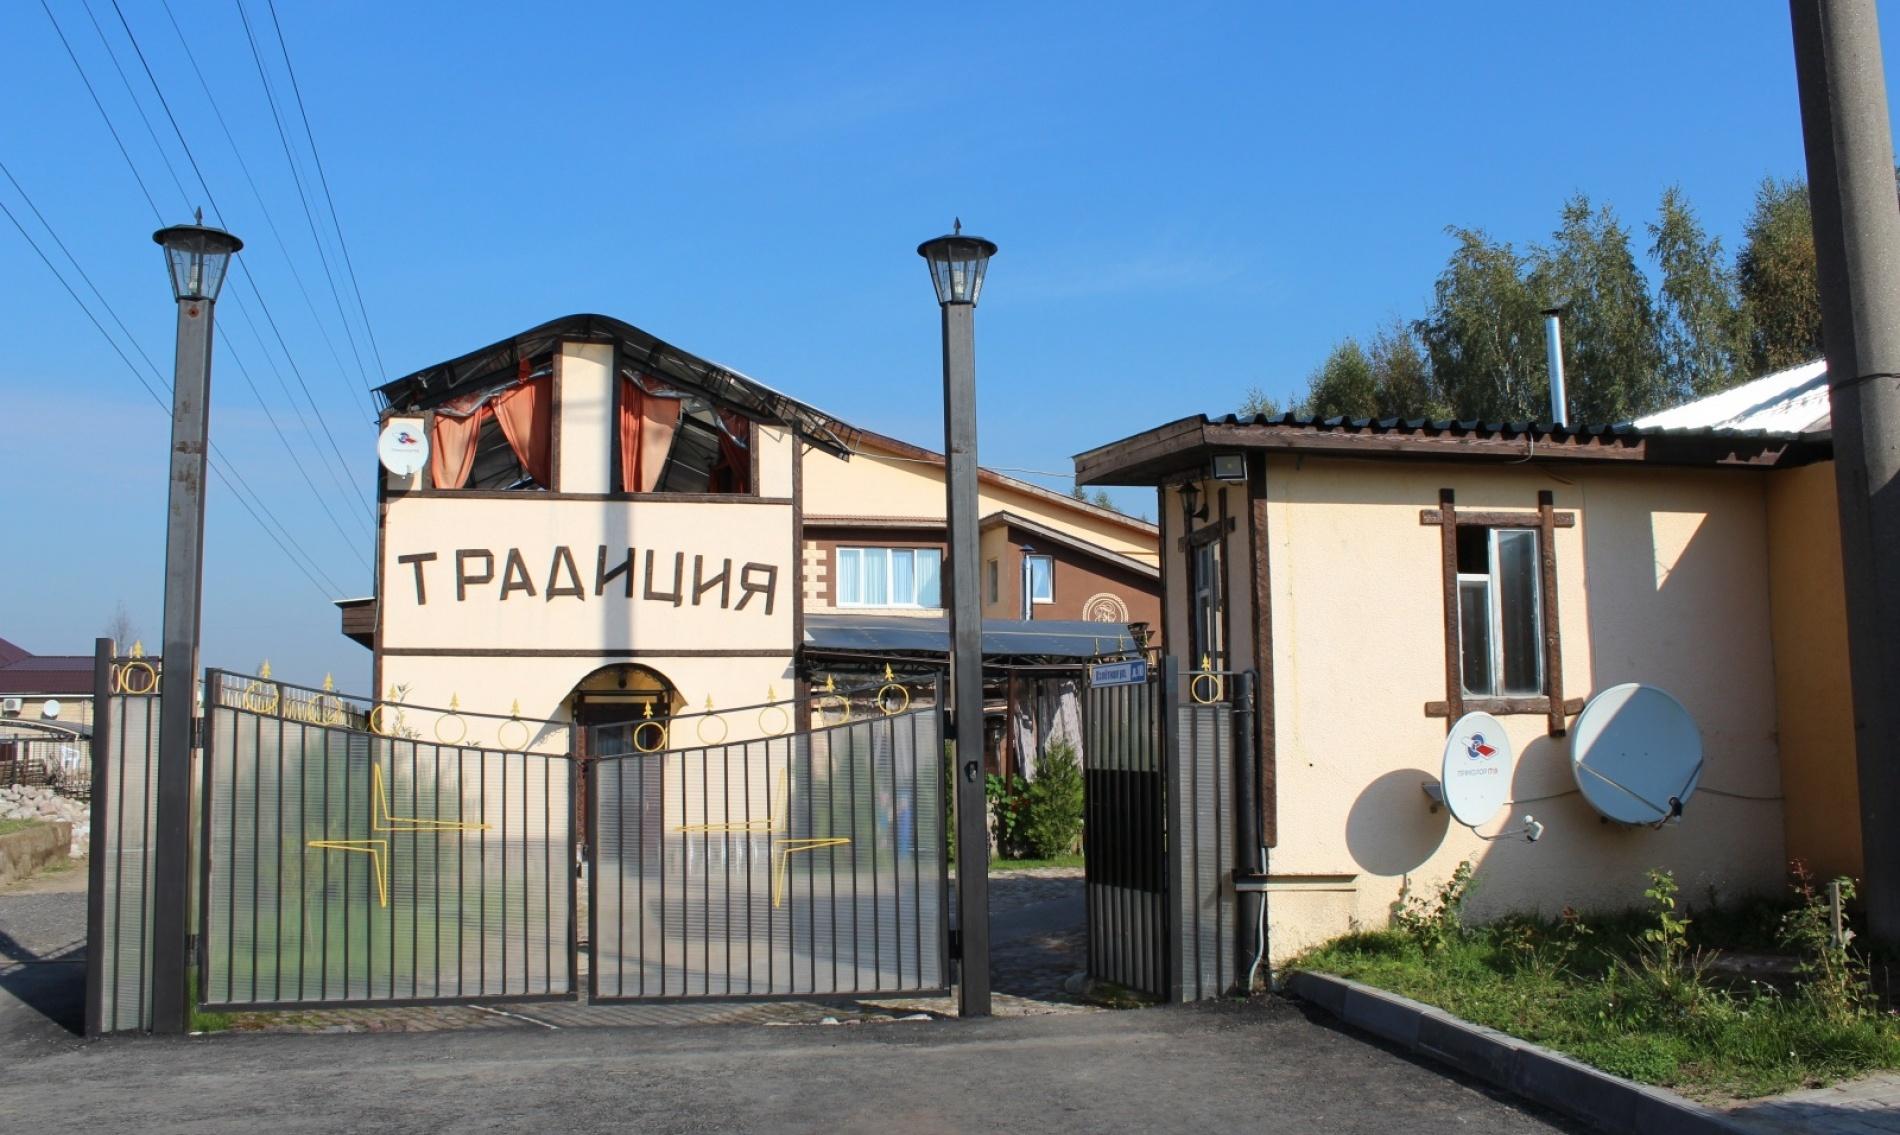 Загородный гостиничный комплекс «Старые традиции» Ленинградская область, фото 3